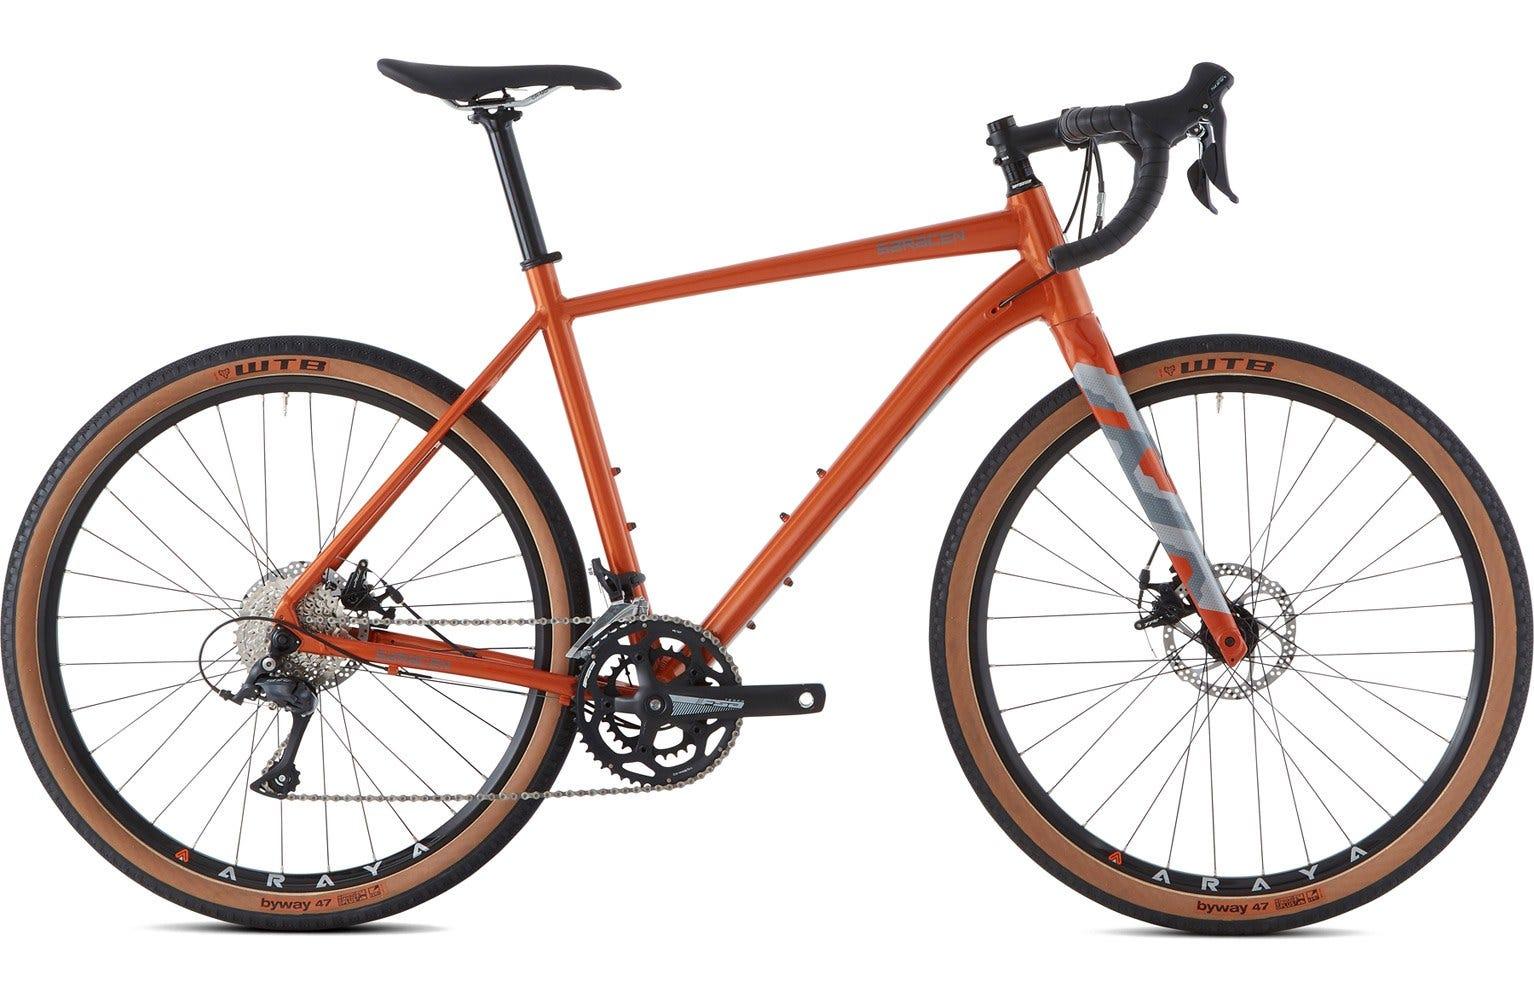 Saracen Levarg 54cm bike sample (unused)